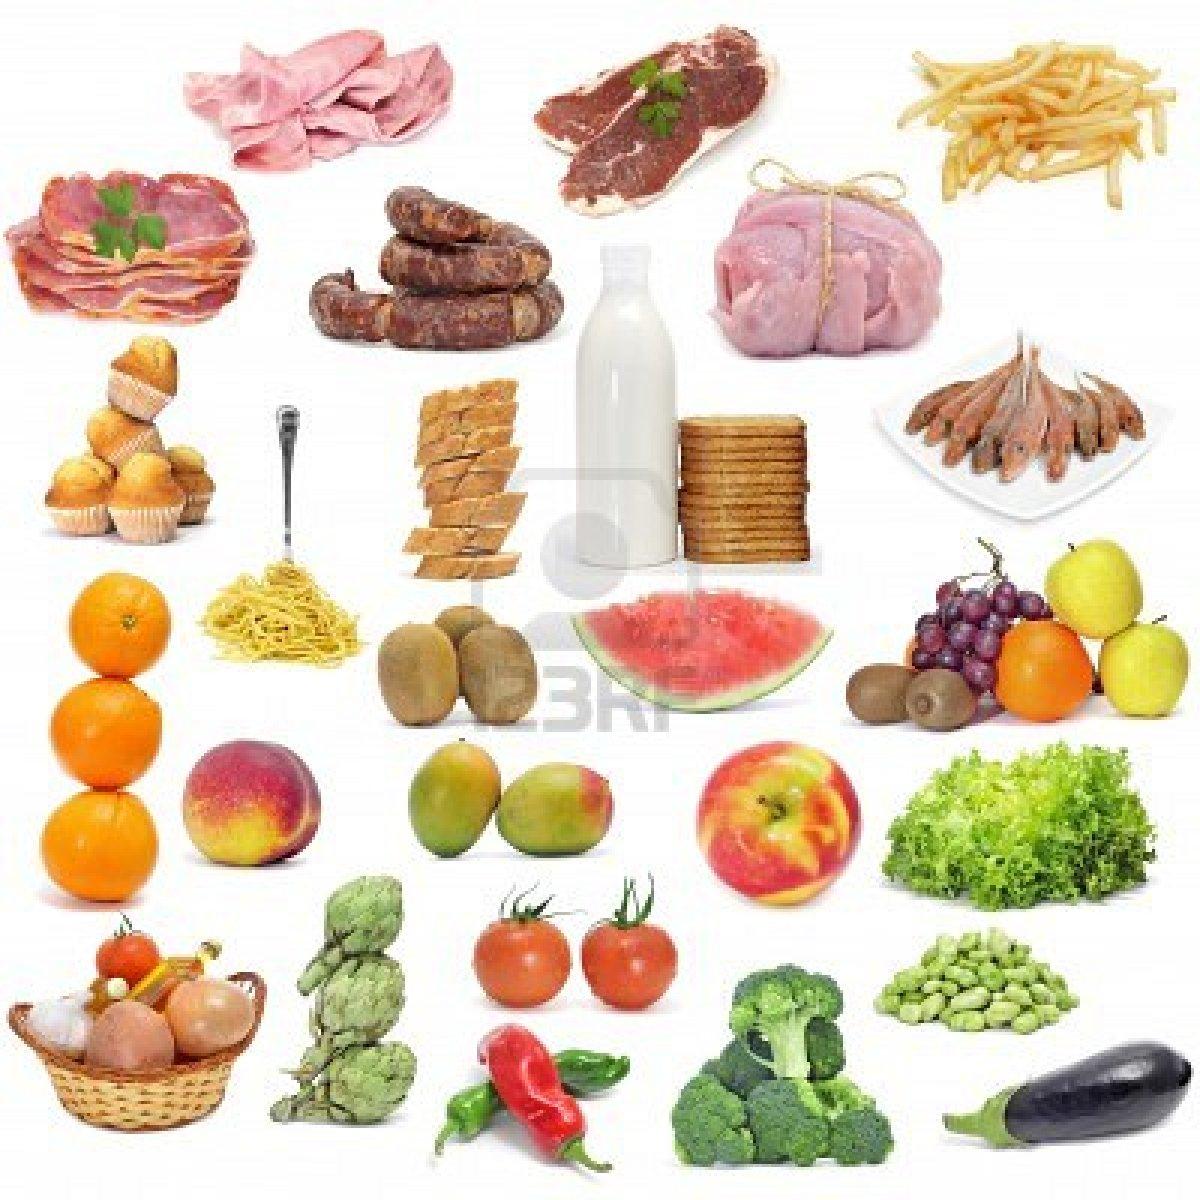 Caminan hora dieta para adelgazar 10 kilos en 4 semanas